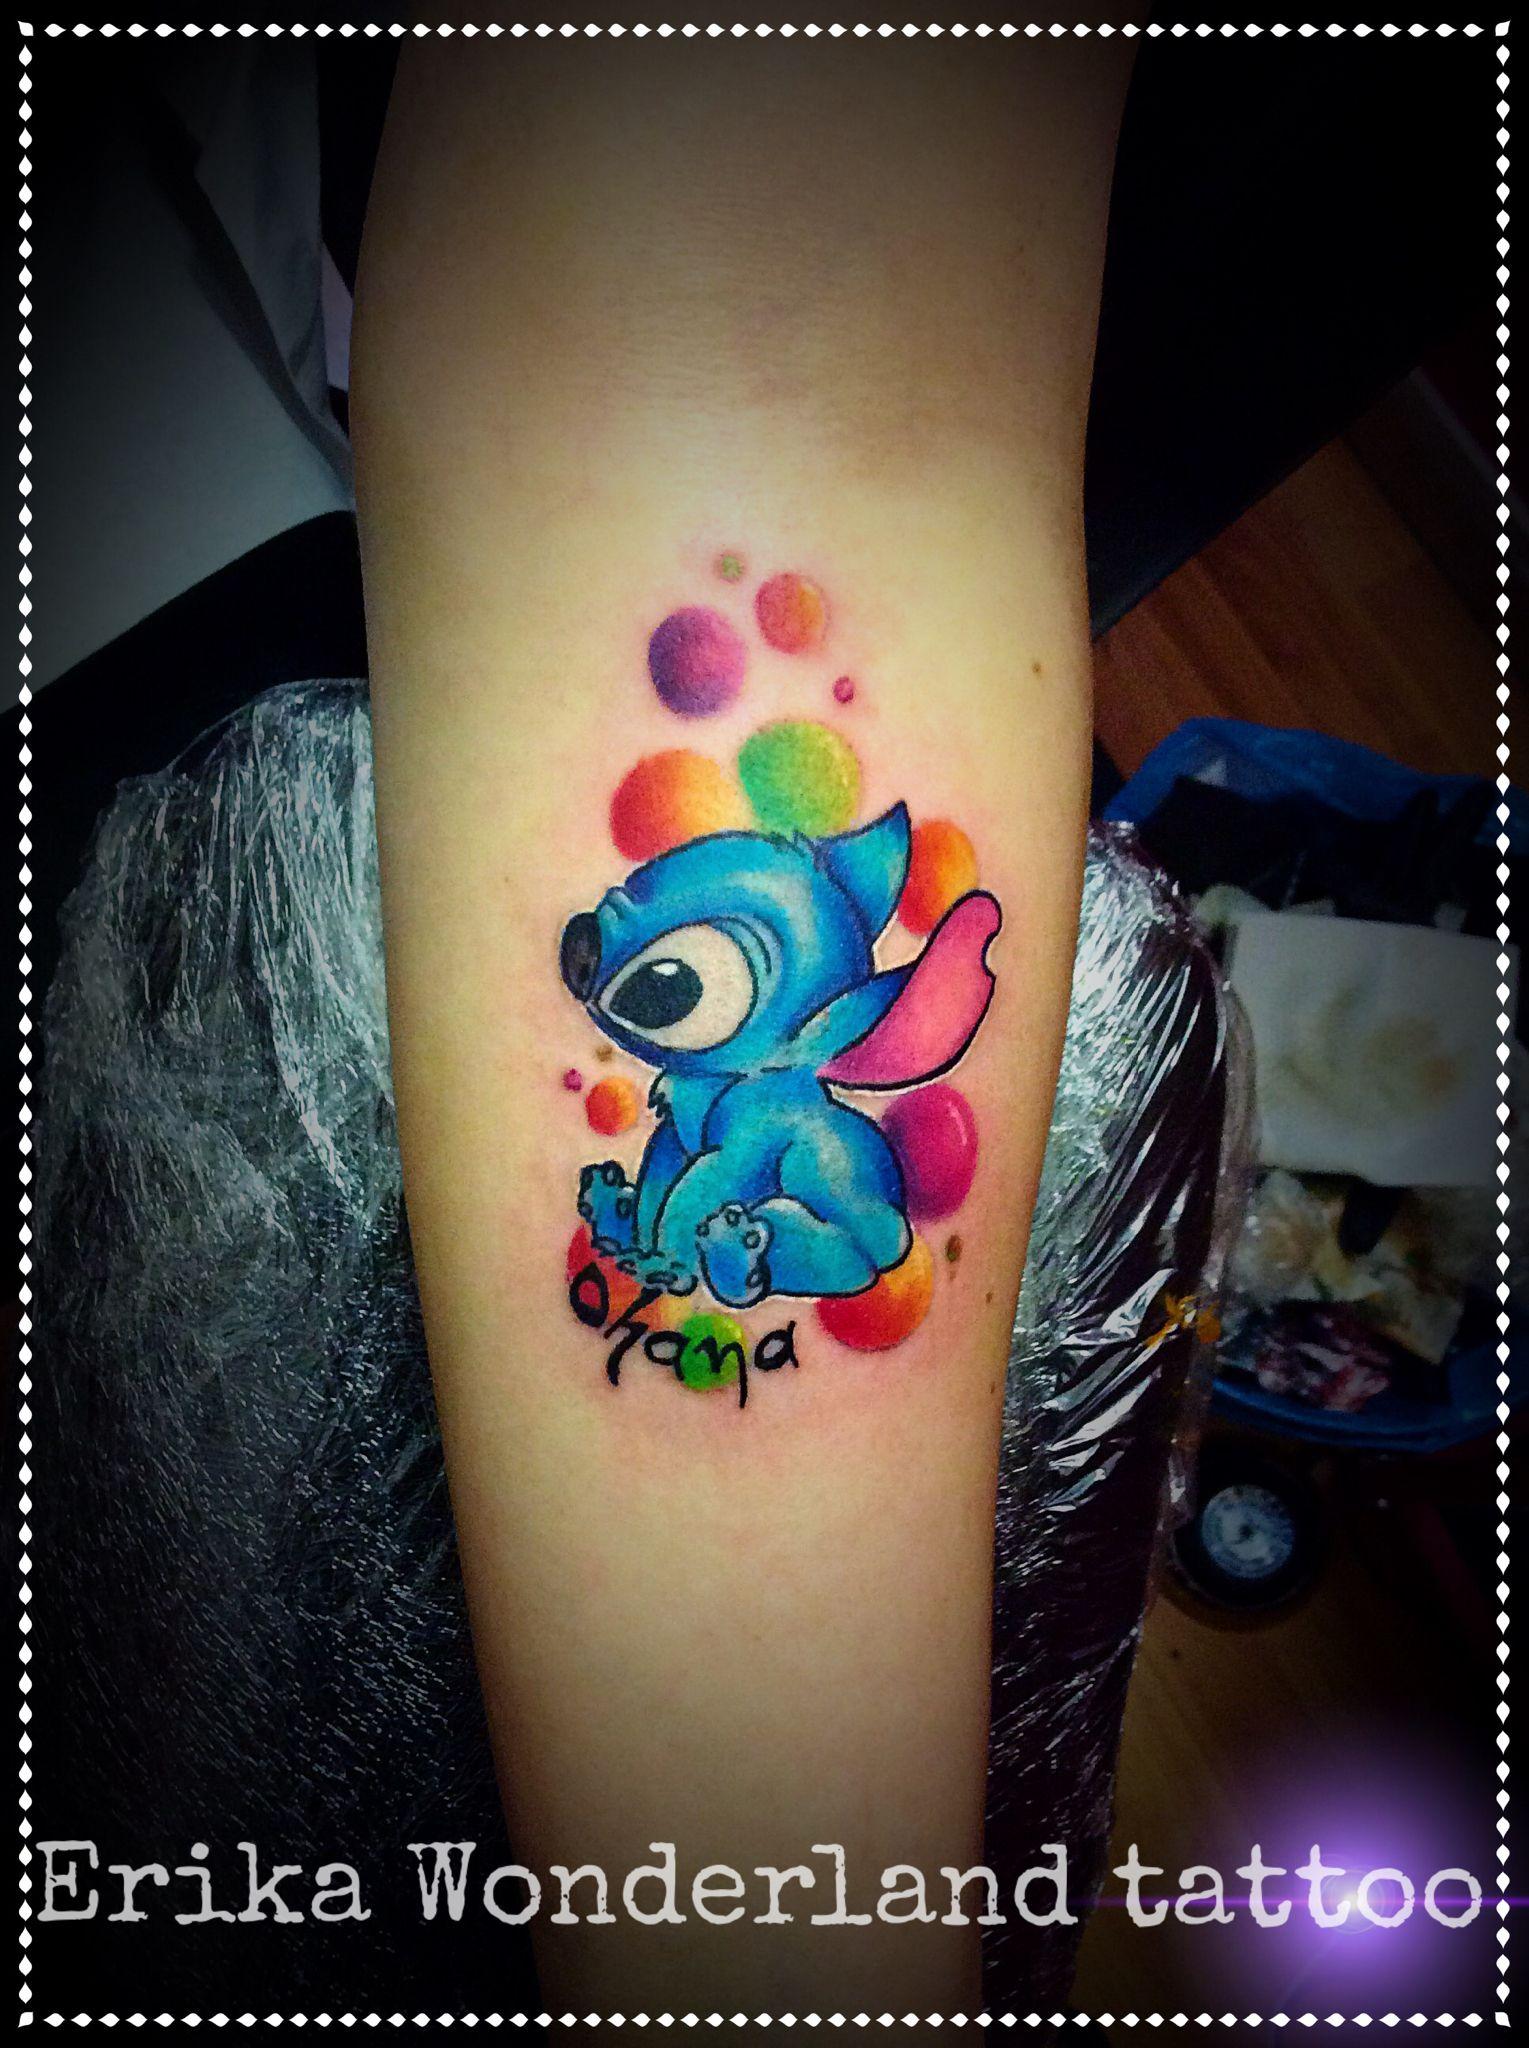 Stitching Tattoo: Ohana Tatuajes De Stitch Para Parejas • Lostatuajes.co